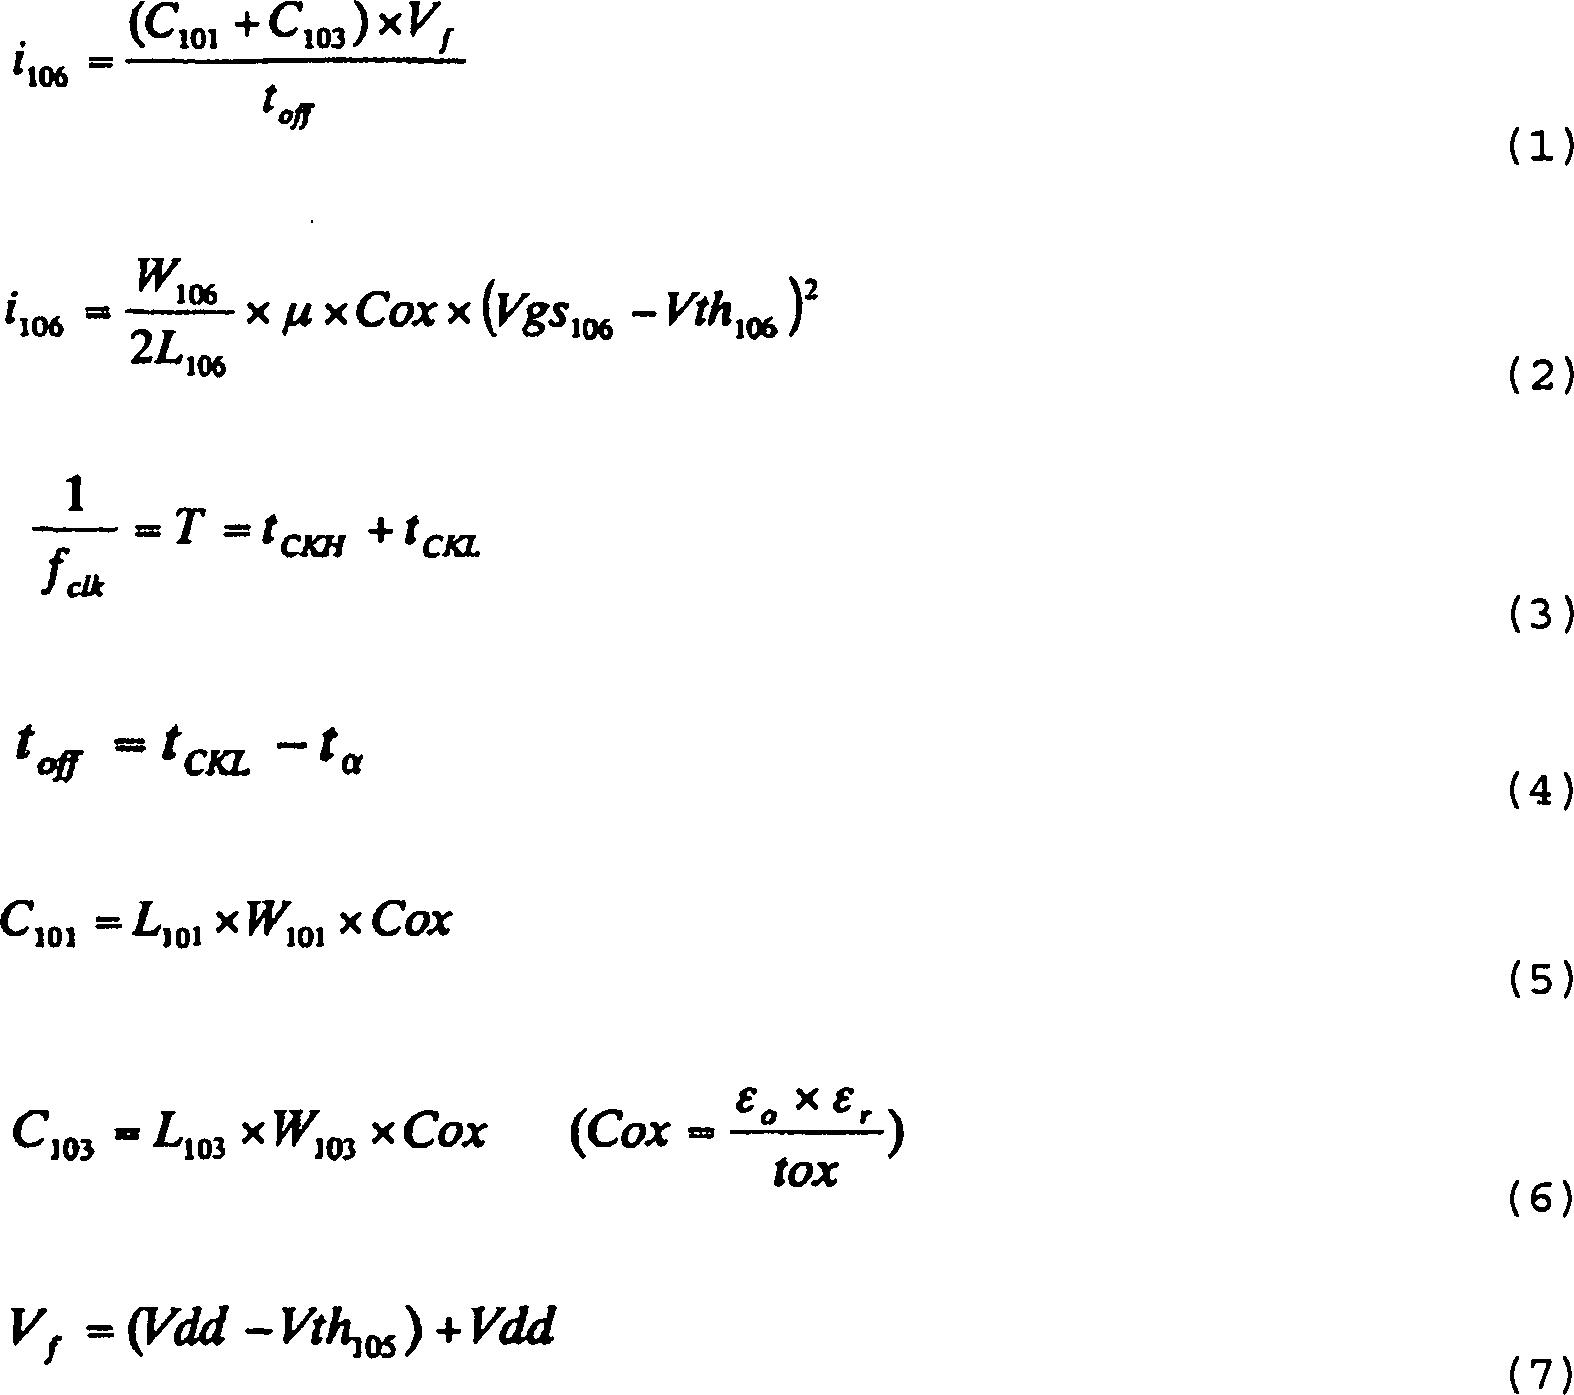 Figure DE112011100756B4_0002